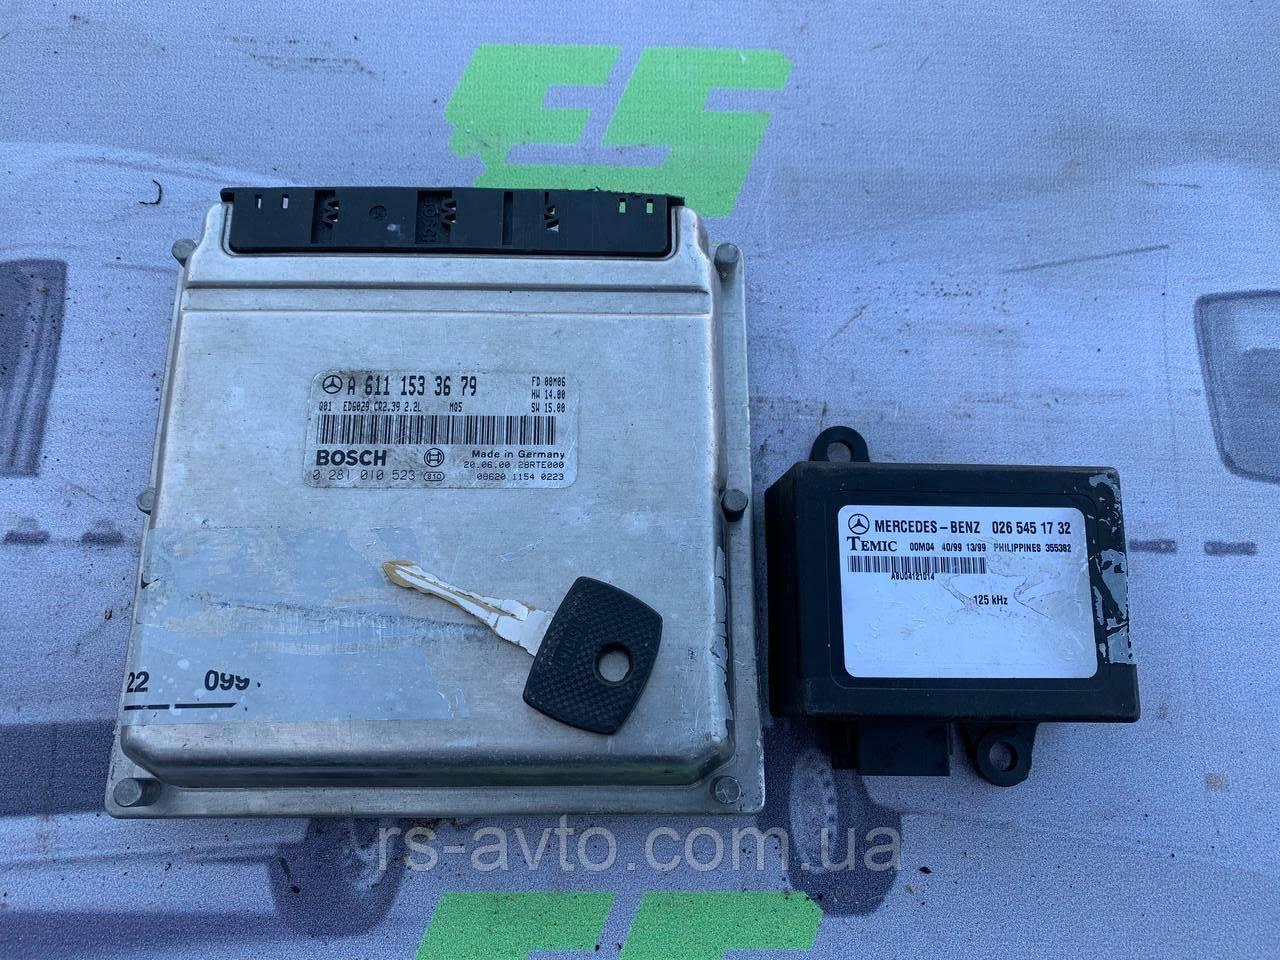 Электронный блок управления  Mercedes Sprinter 901-905 A6111533679